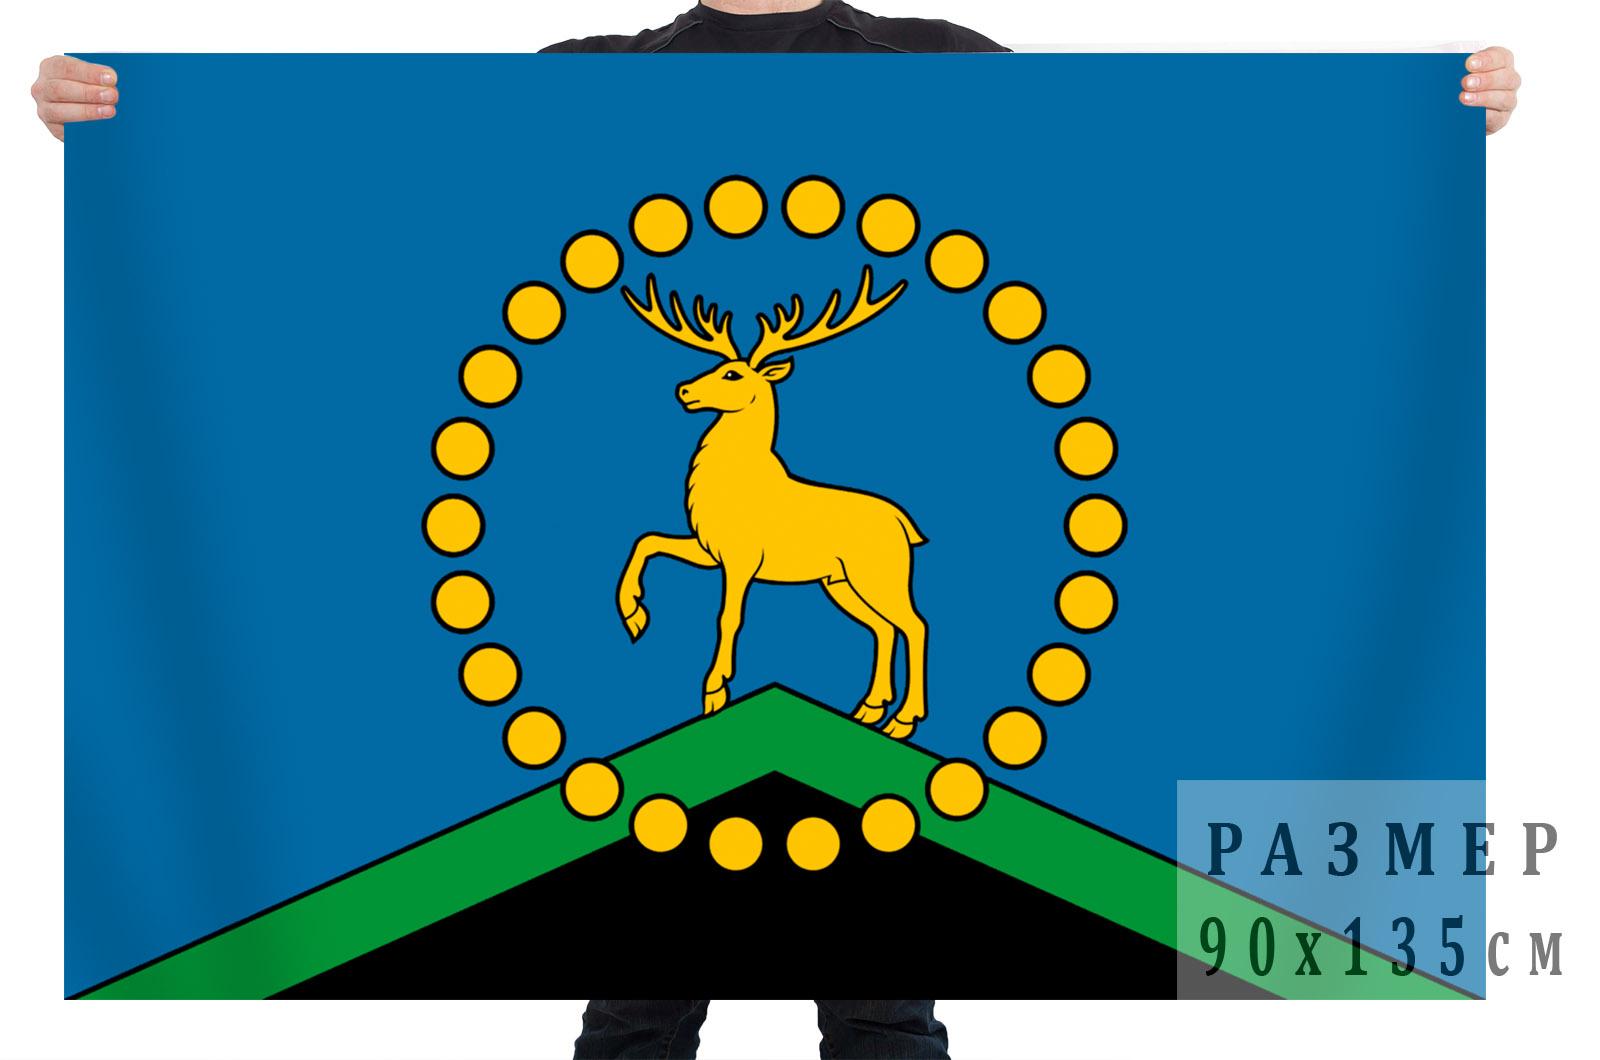 Флаг муниципального образования городского округа город Оленегорск